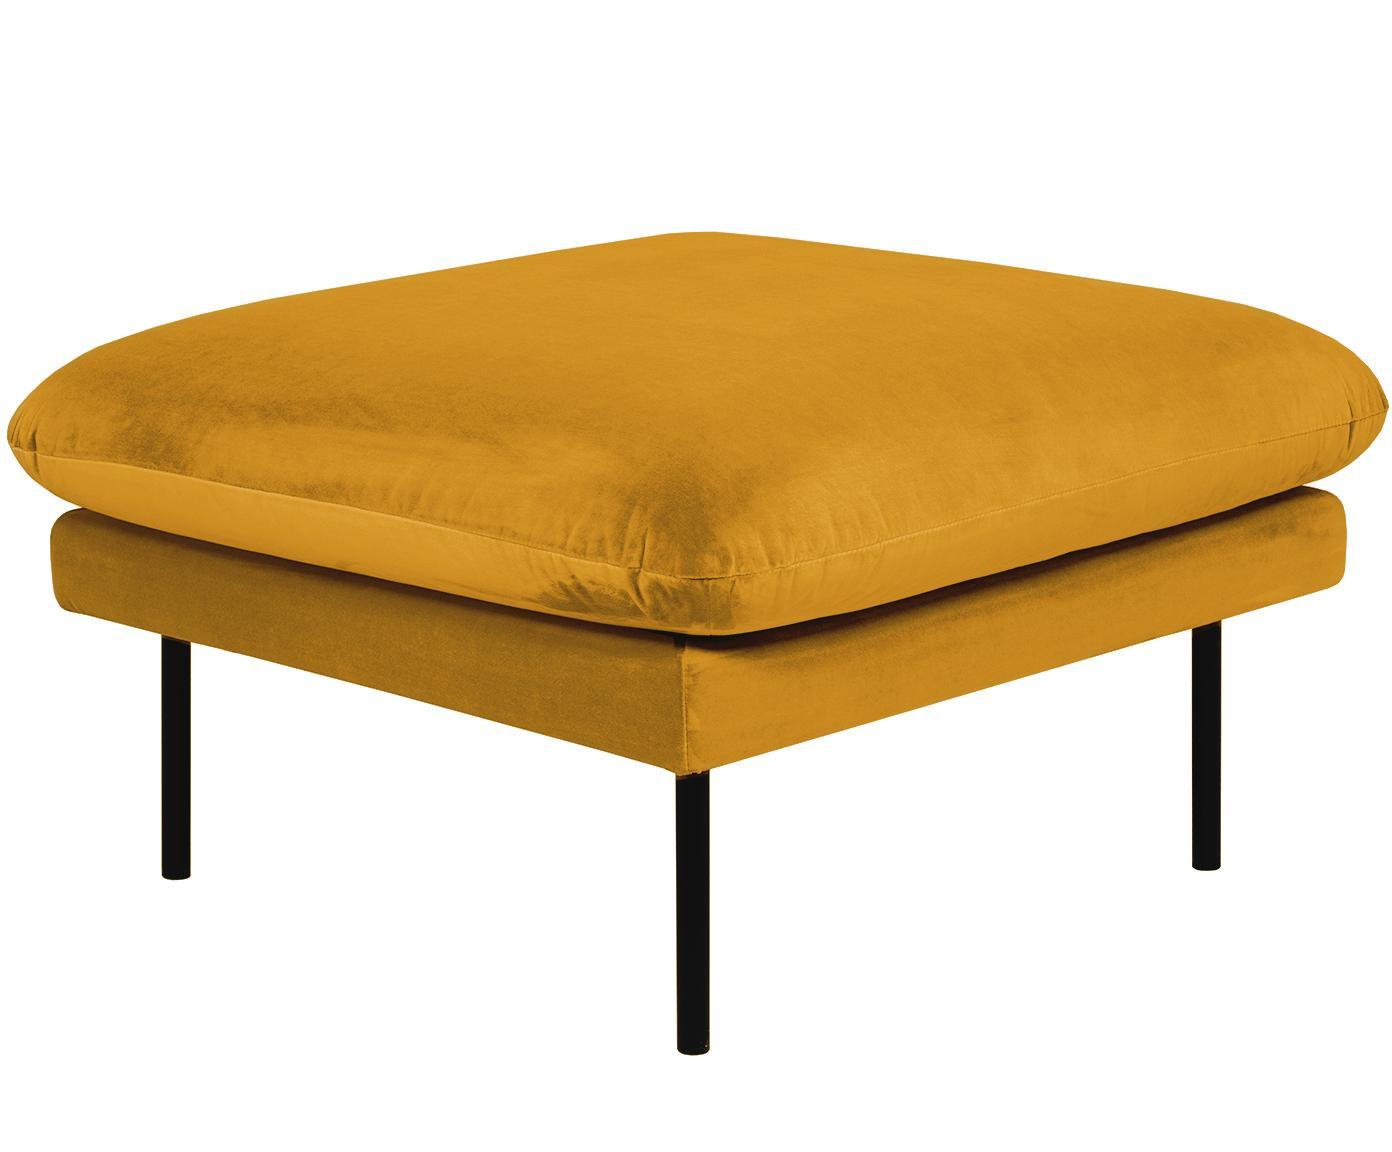 Fluwelen voetenbank Moby, Bekleding: fluweel (hoogwaardige pol, Frame: massief grenenhout, Poten: gepoedercoat metaal, Fluweel mosterdgeel, 78 x 48 cm